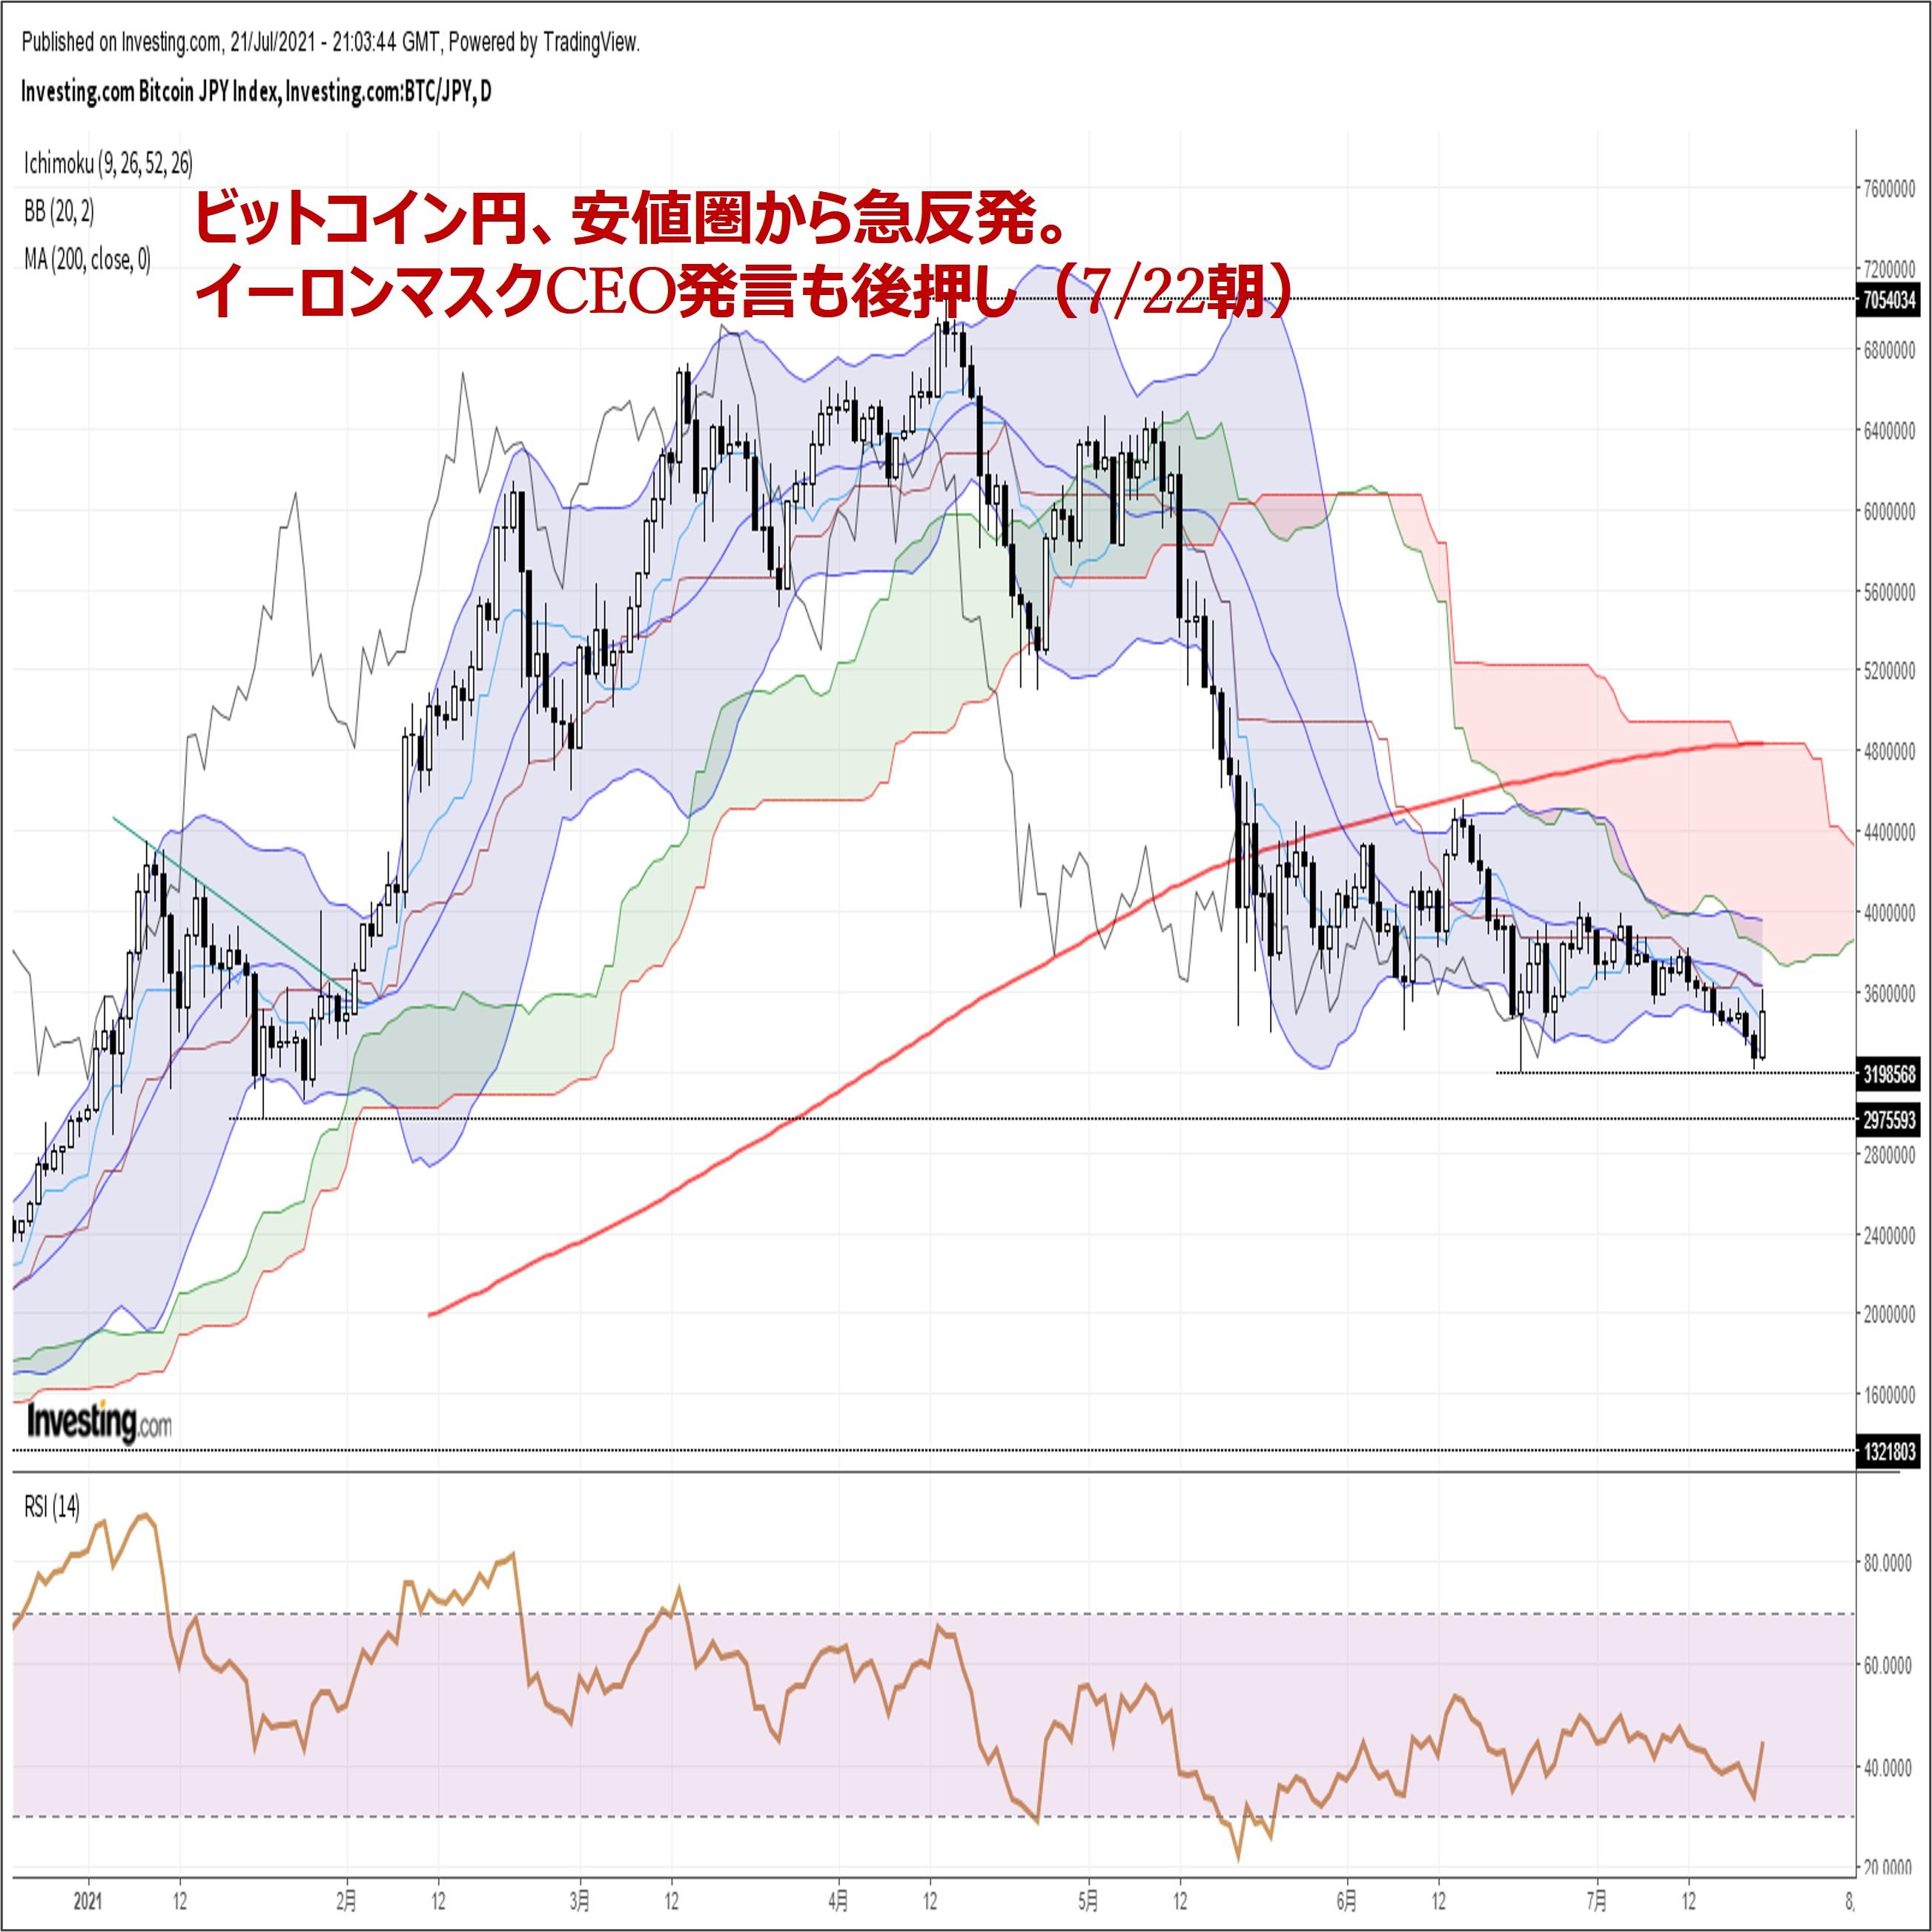 ビットコイン円、安値圏から急反発。イーロンマスクCEO発言も後押し(7/22朝)